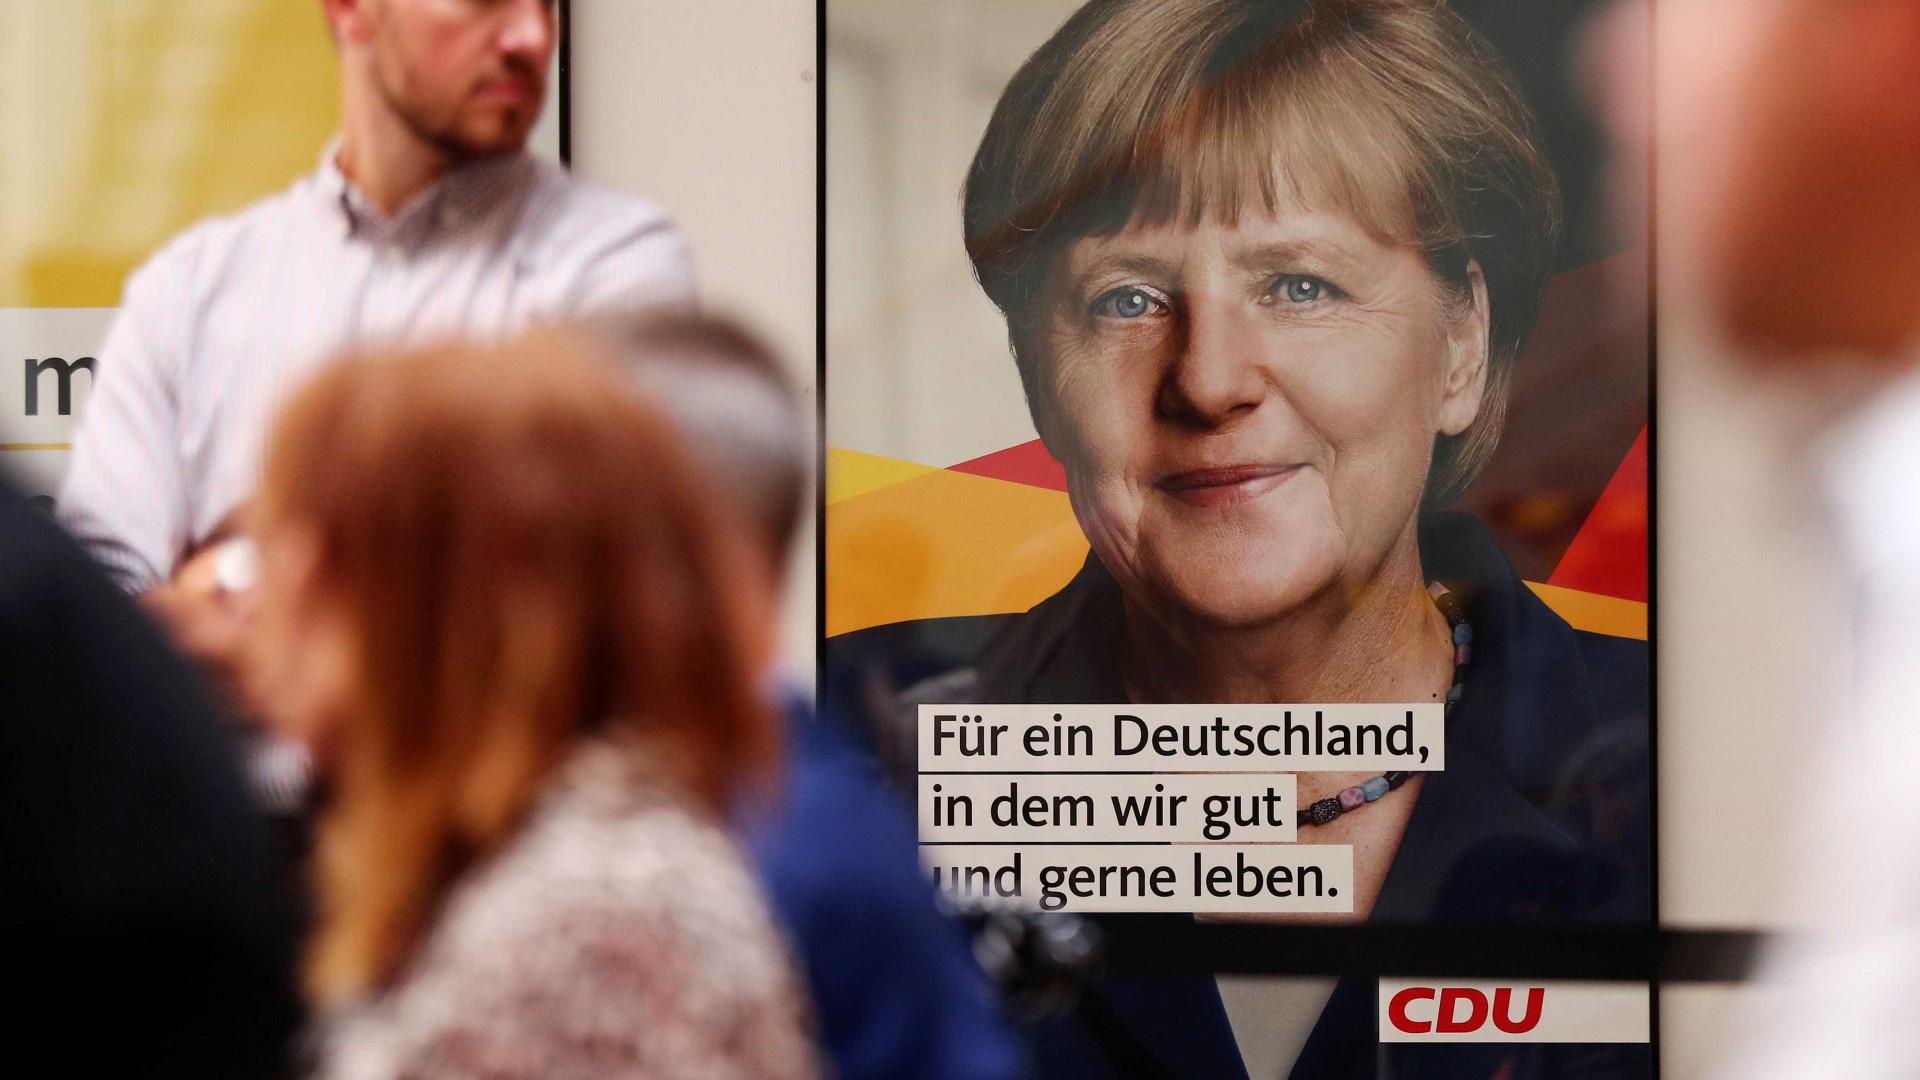 Às vésperas das eleições, aprovação de Angela Merkel cai 10 pontos